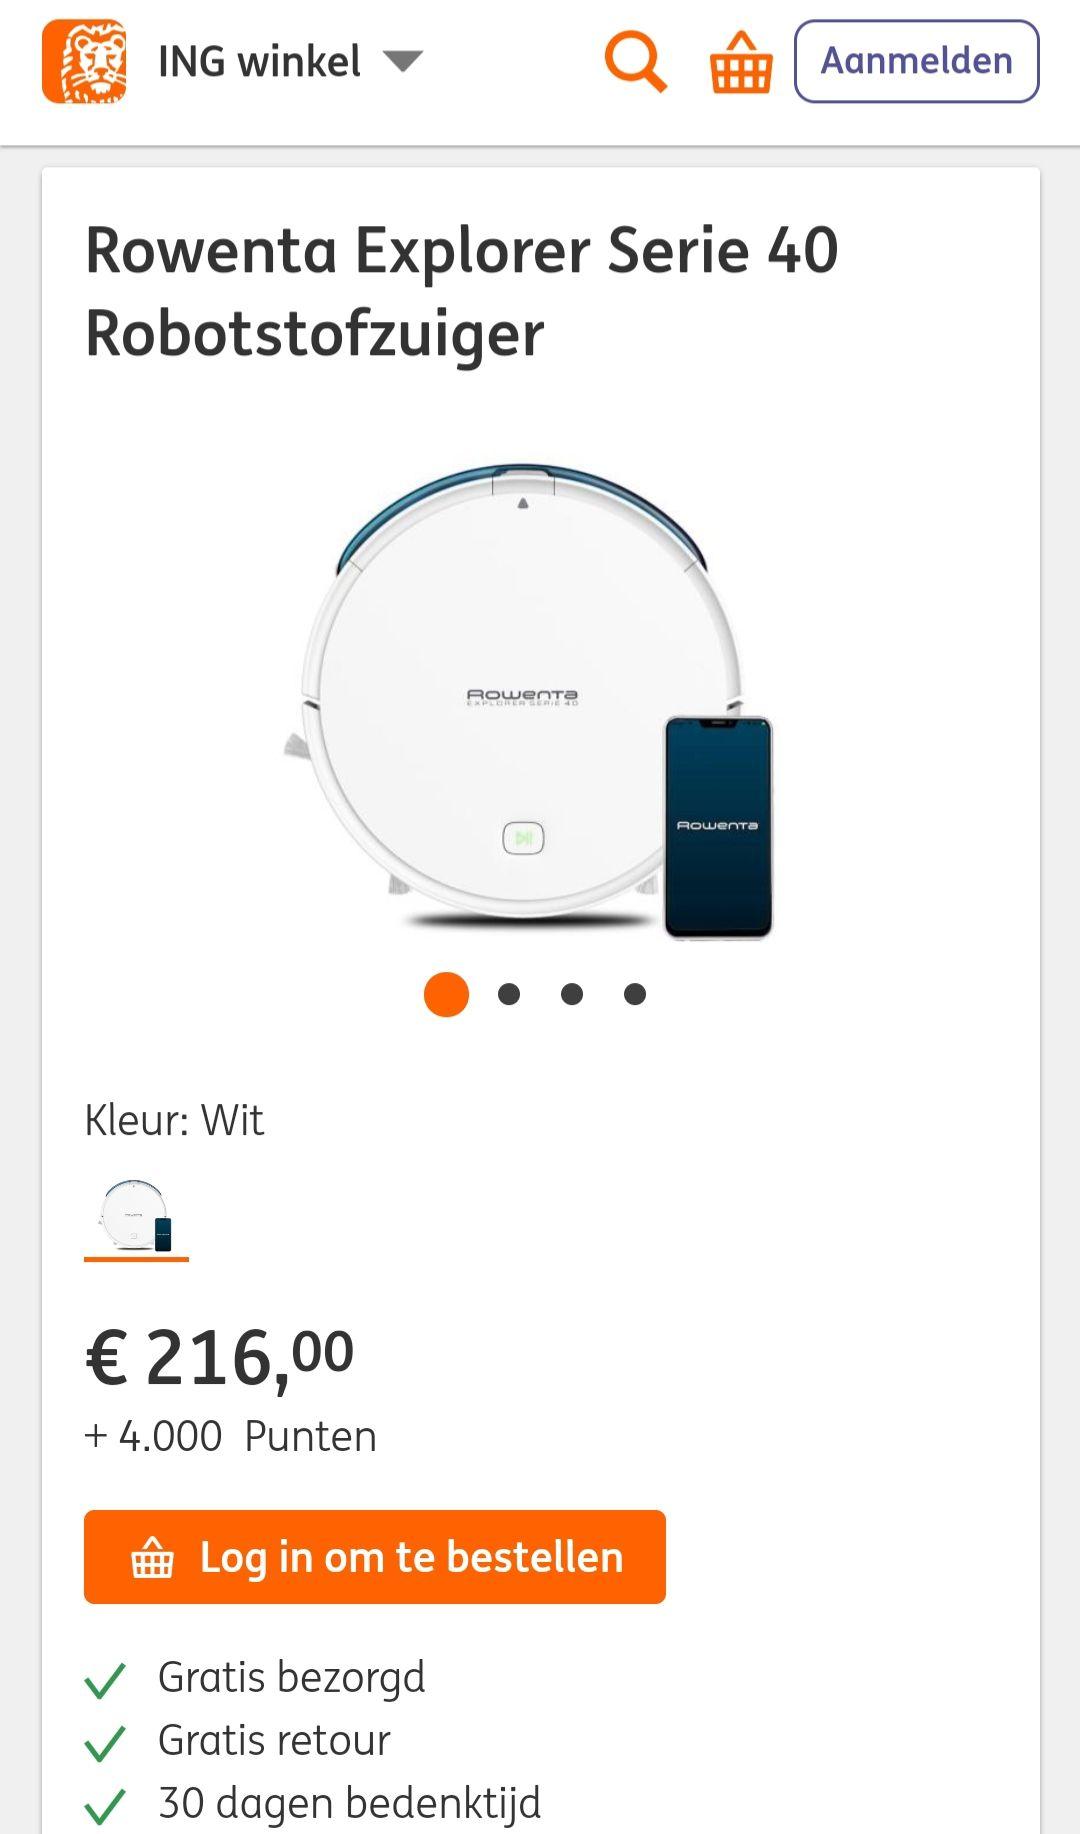 Rowenta Explorer Serie 40 Robotstofzuiger €216,- + 4000 rentepunten